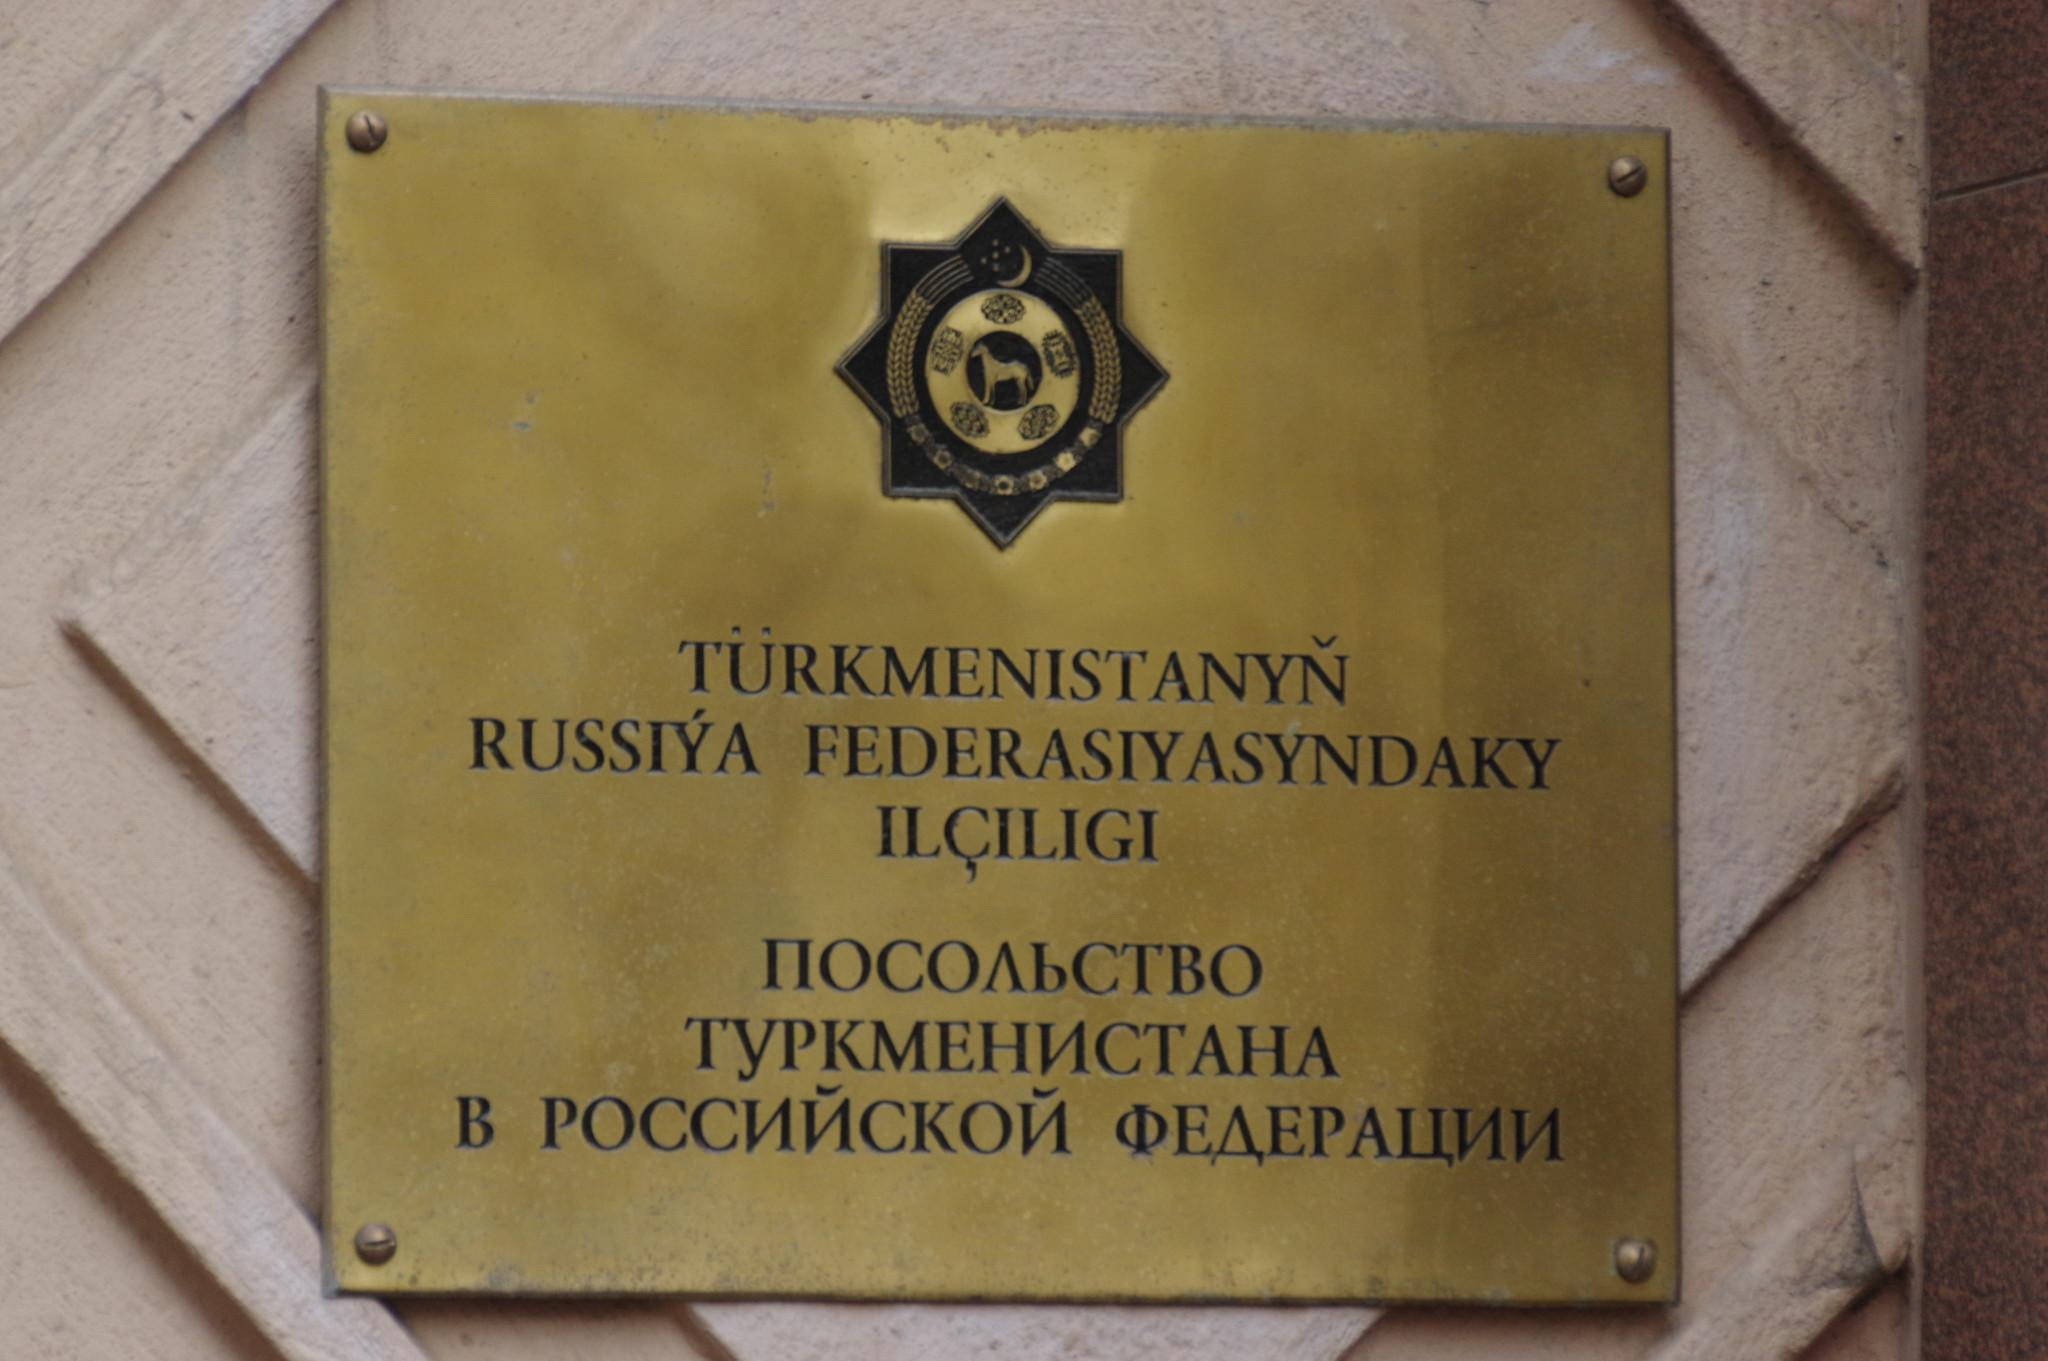 Посольство Туркменистана в Москве (Филипповский переулок, дом 22)